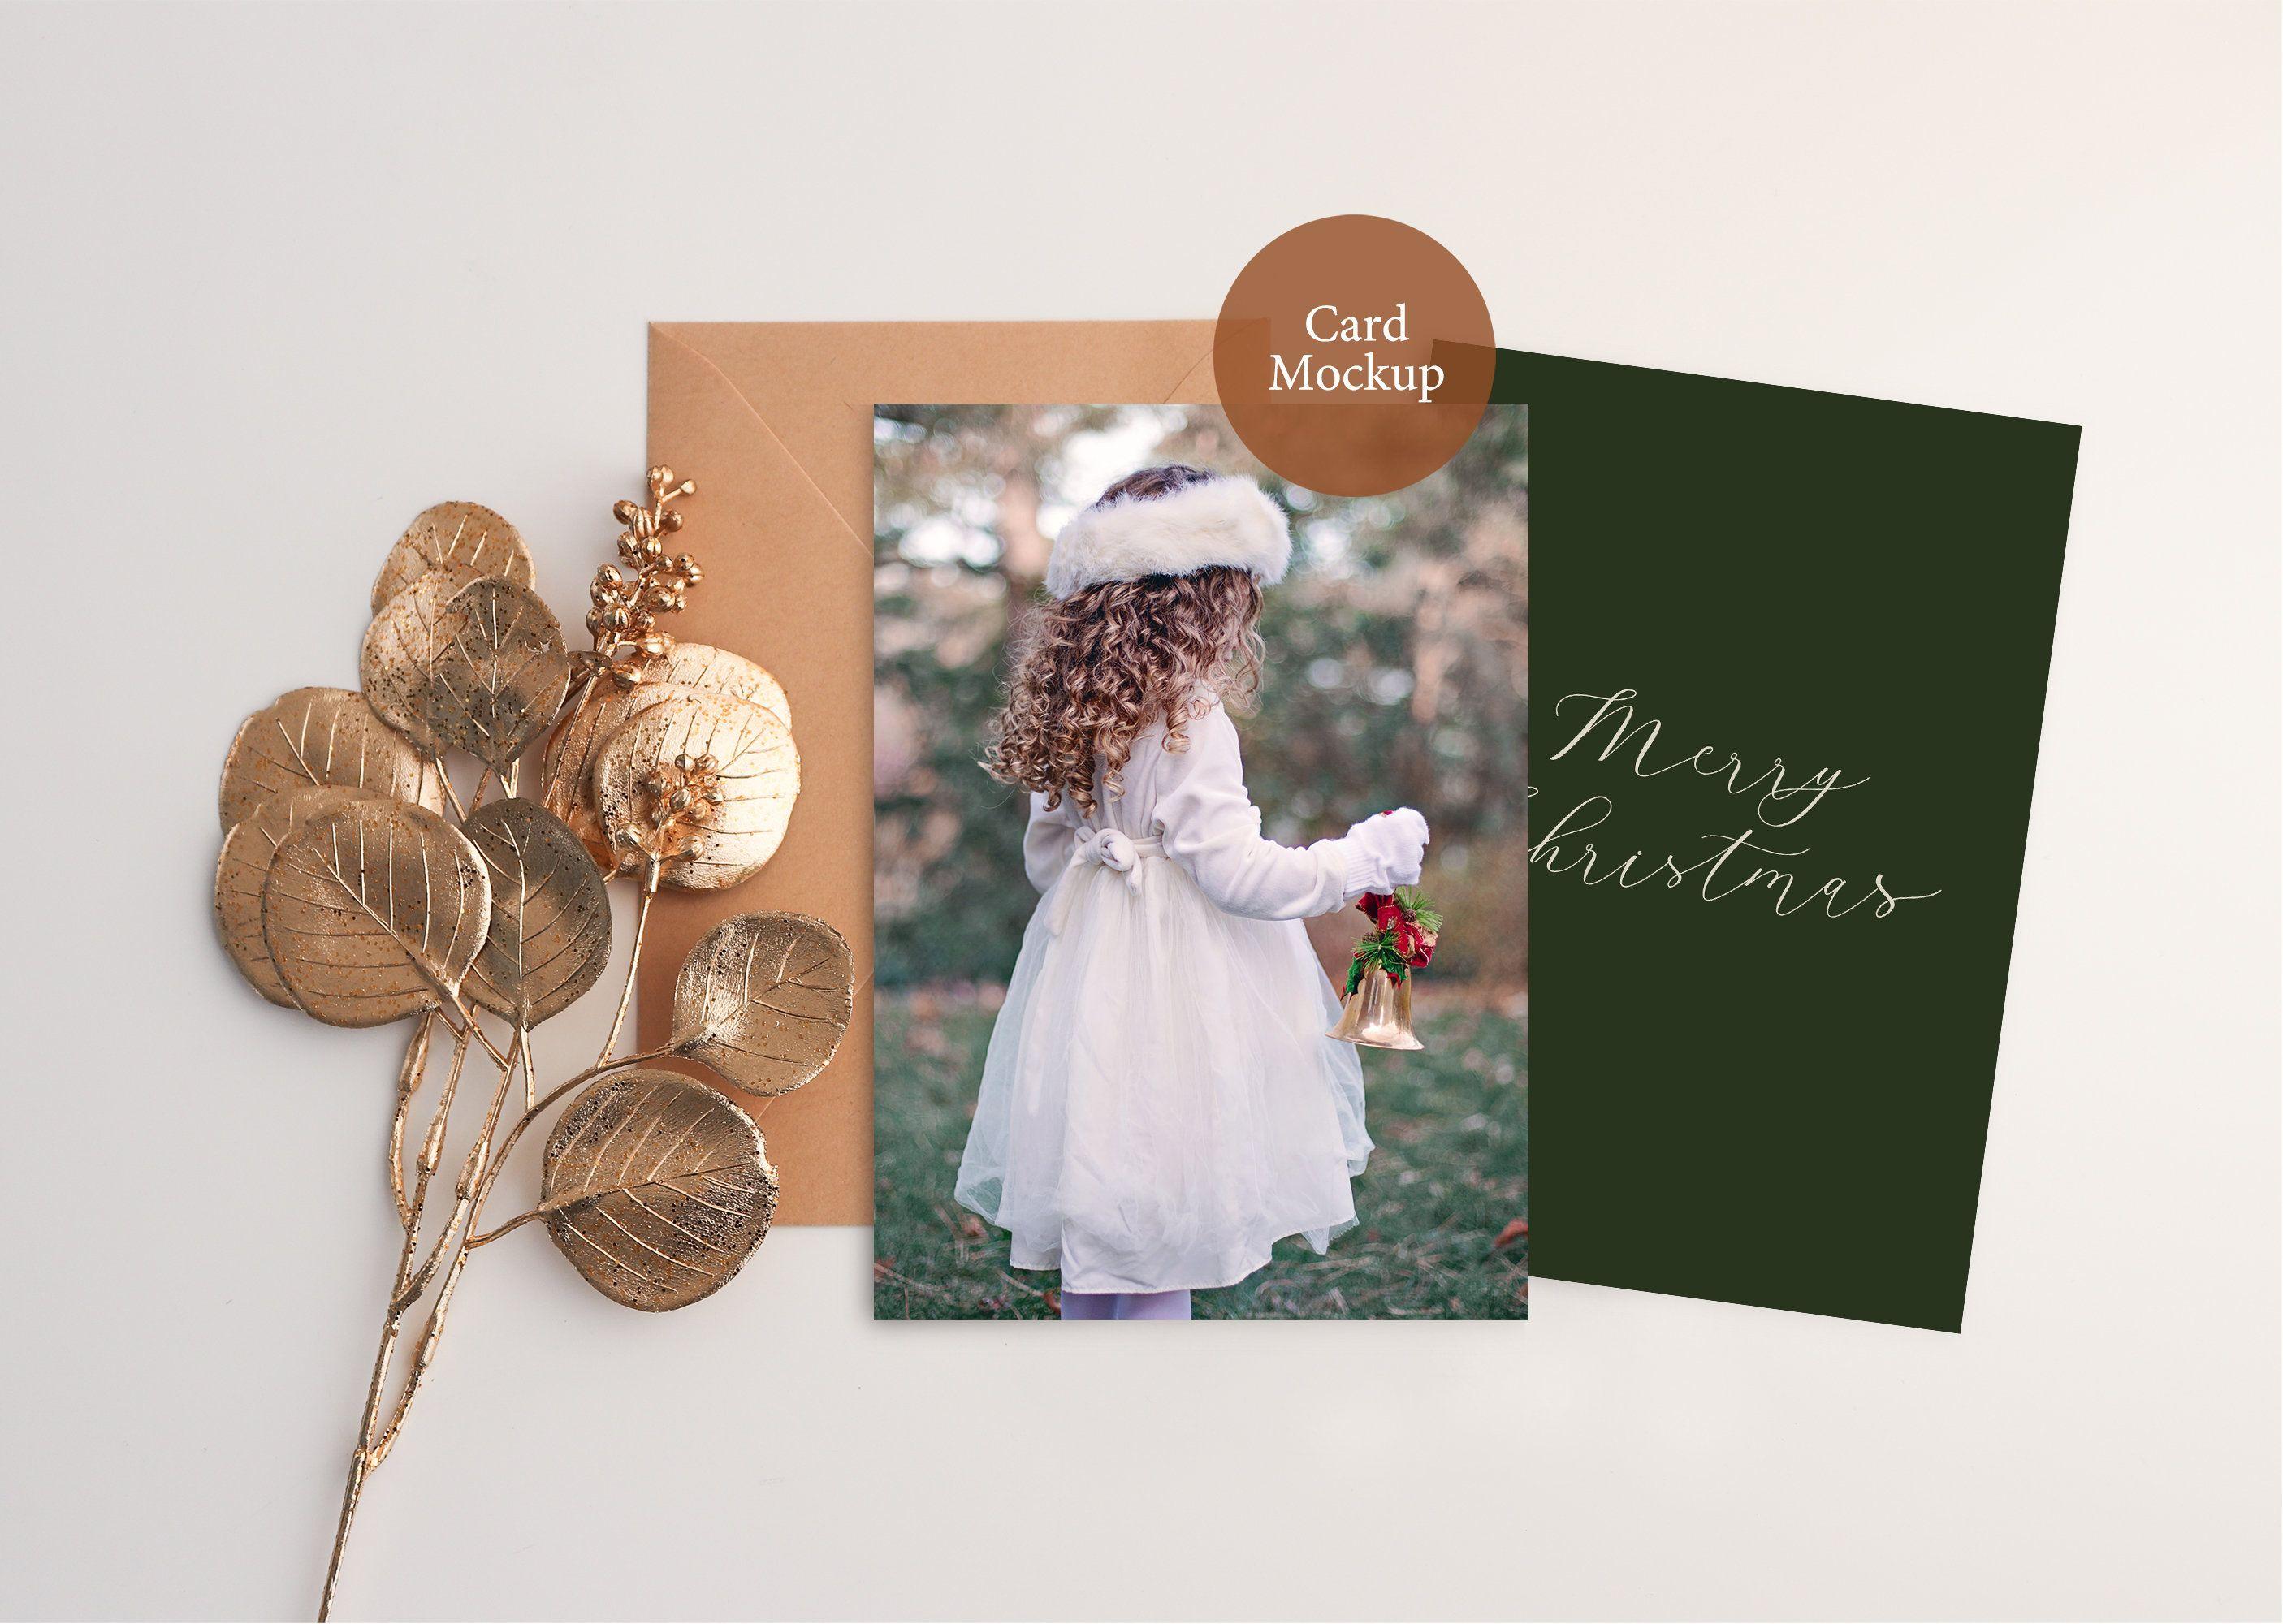 Christmas Card Mockup psd, 5x7 Card Mockup, Holiday mockup, Christmas card mockup 5x7, Happy New Year Card, Greeting Card, Winter Mockup